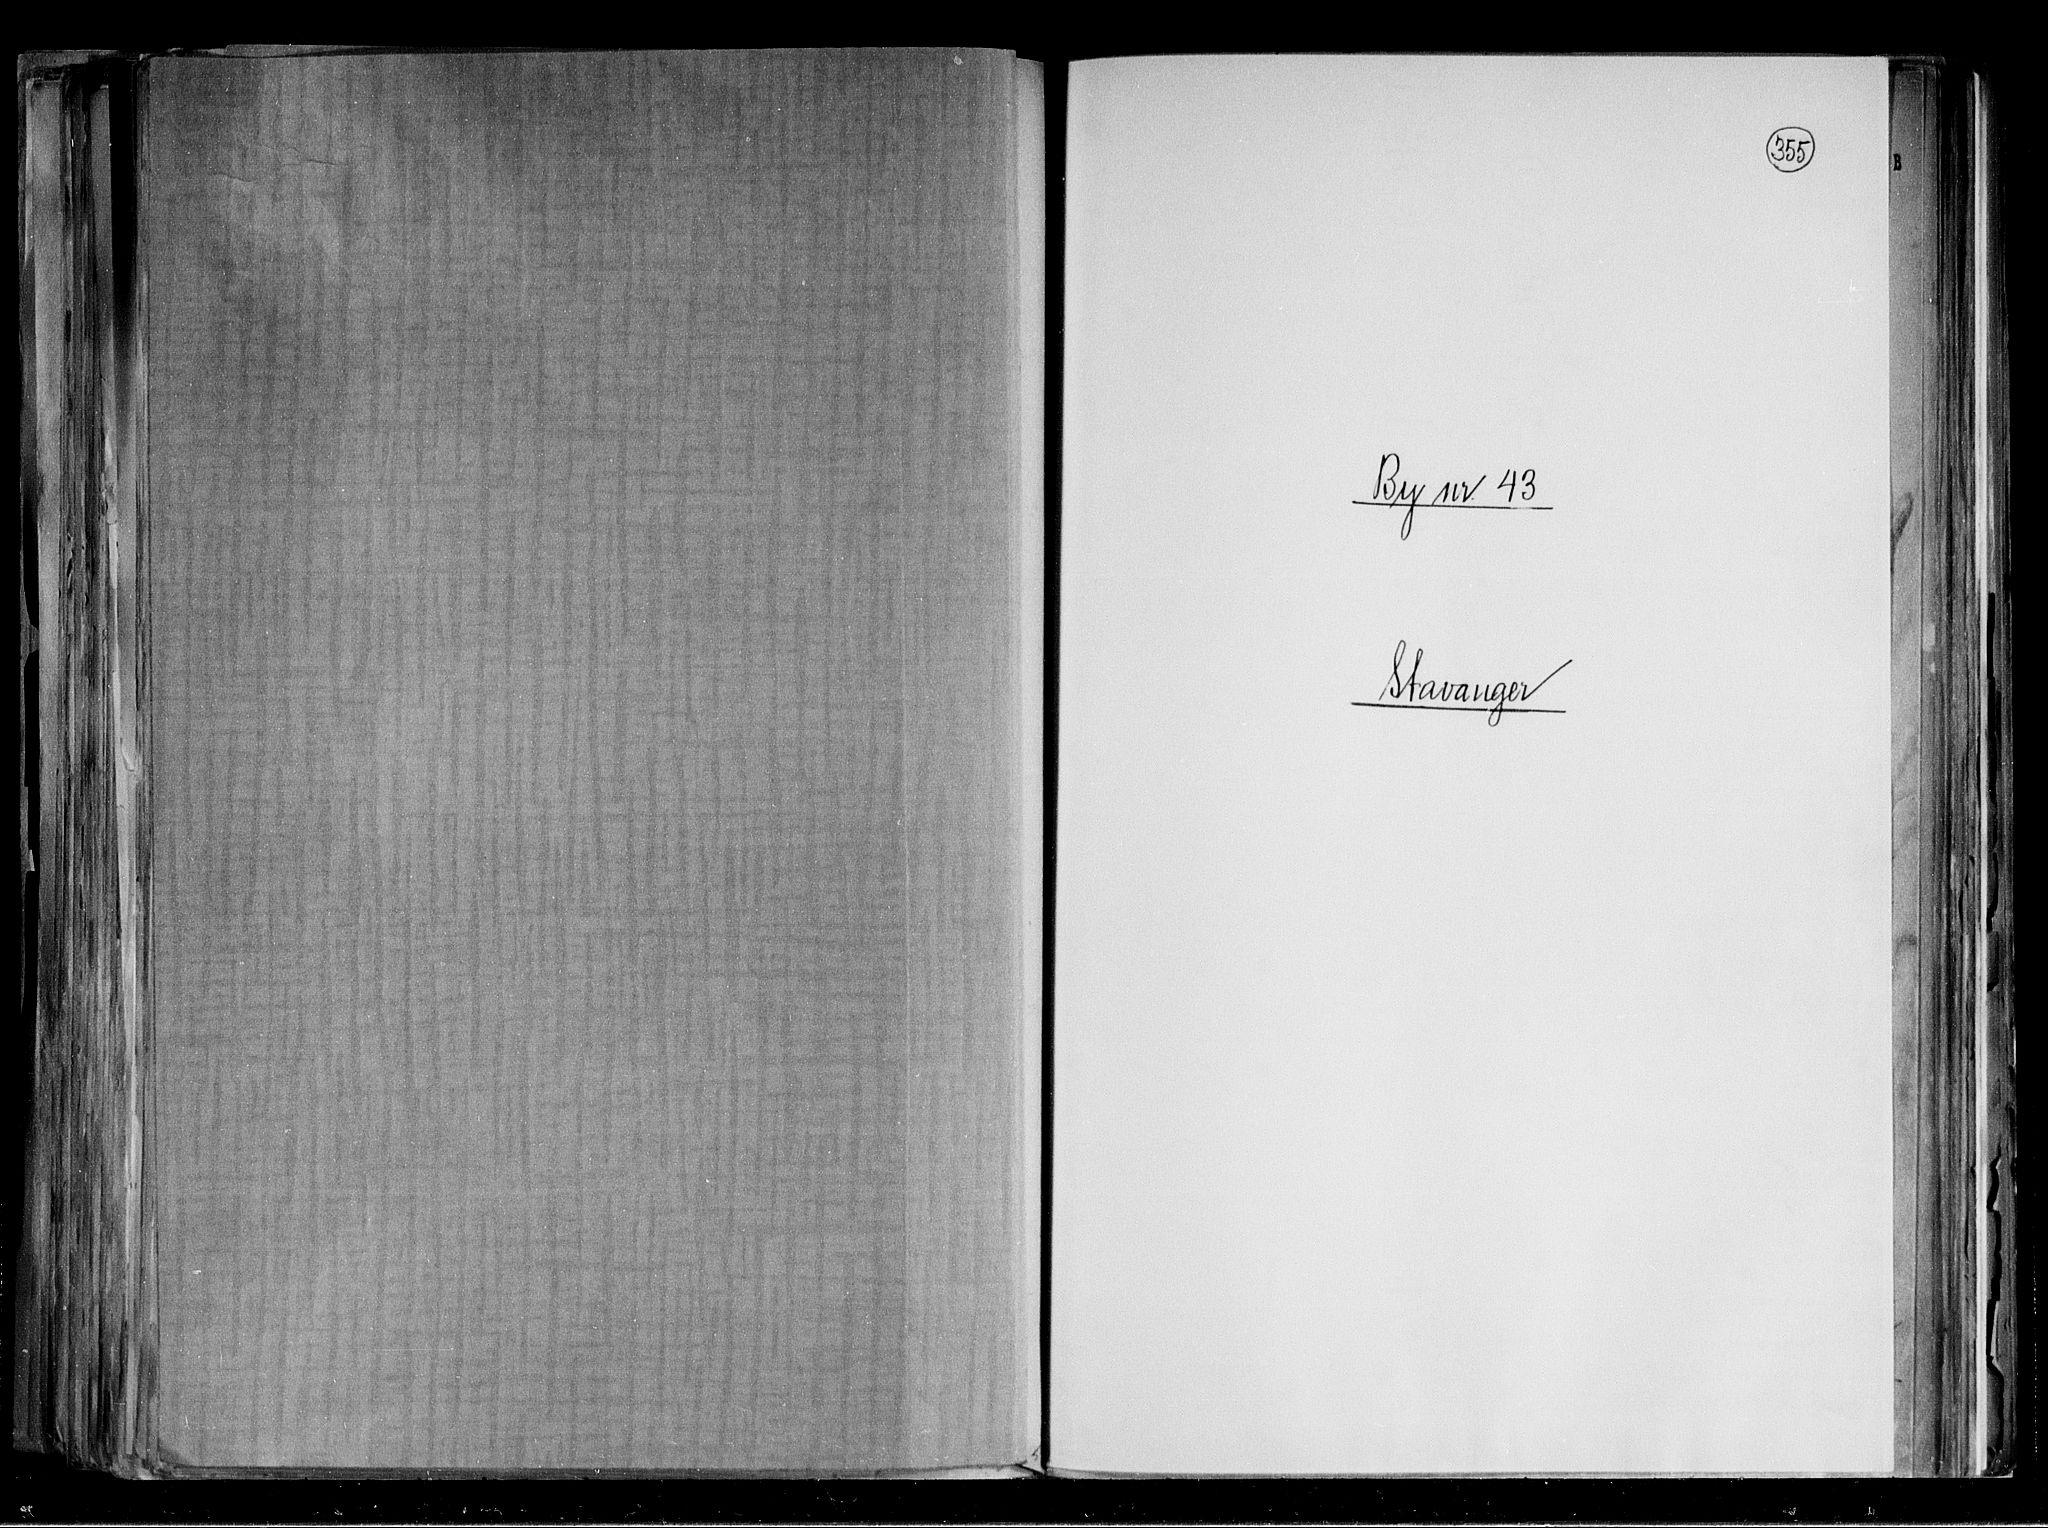 RA, Folketelling 1891 for 1103 Stavanger kjøpstad, 1891, s. 1